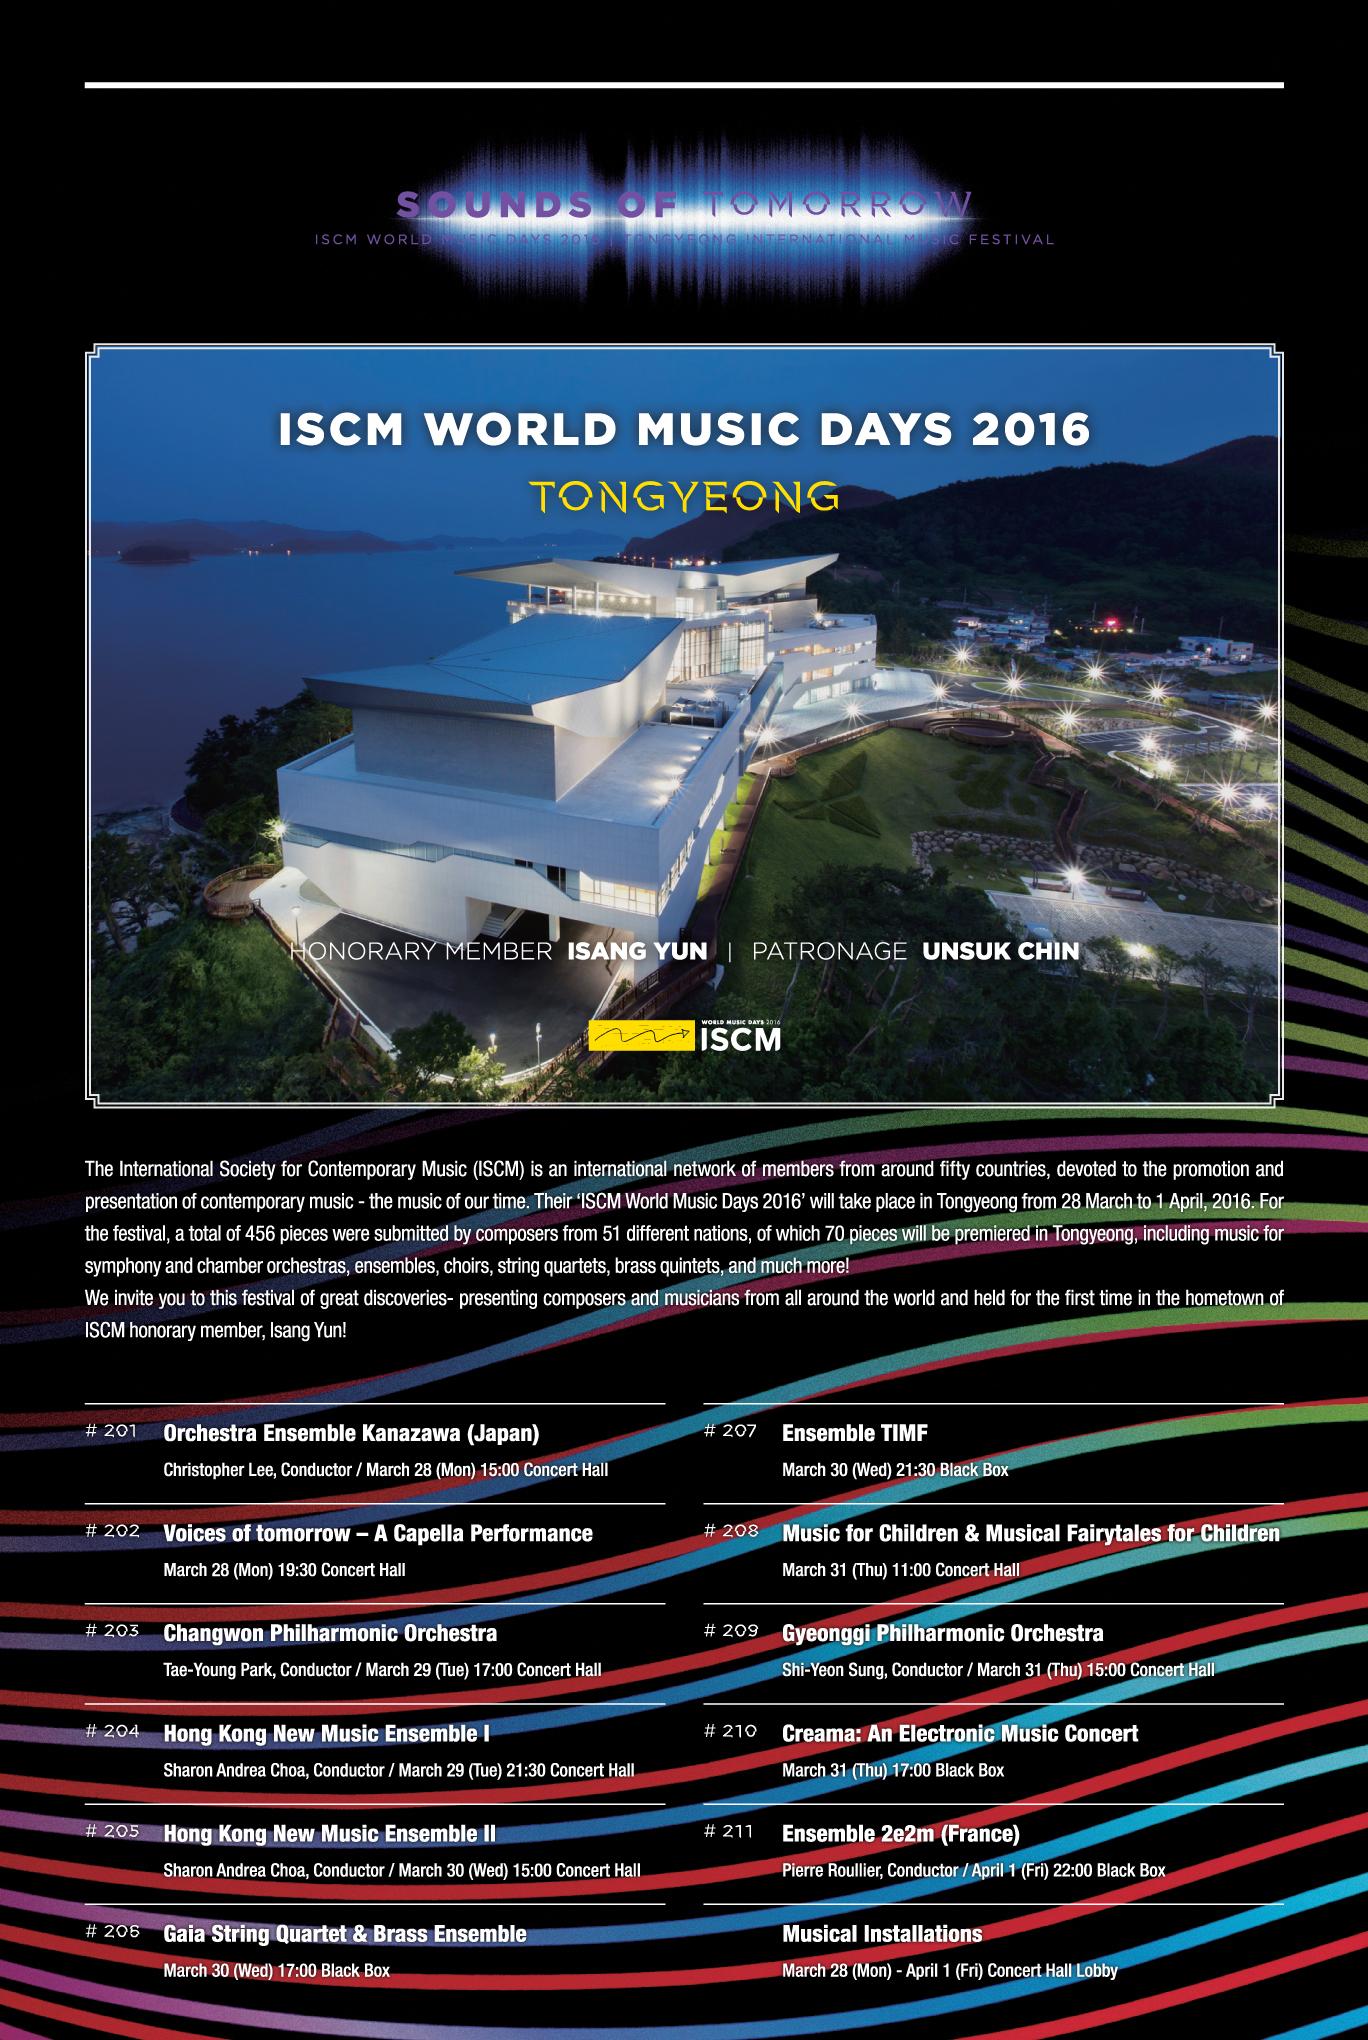 ISCM World Music Days 2016 TongYeong